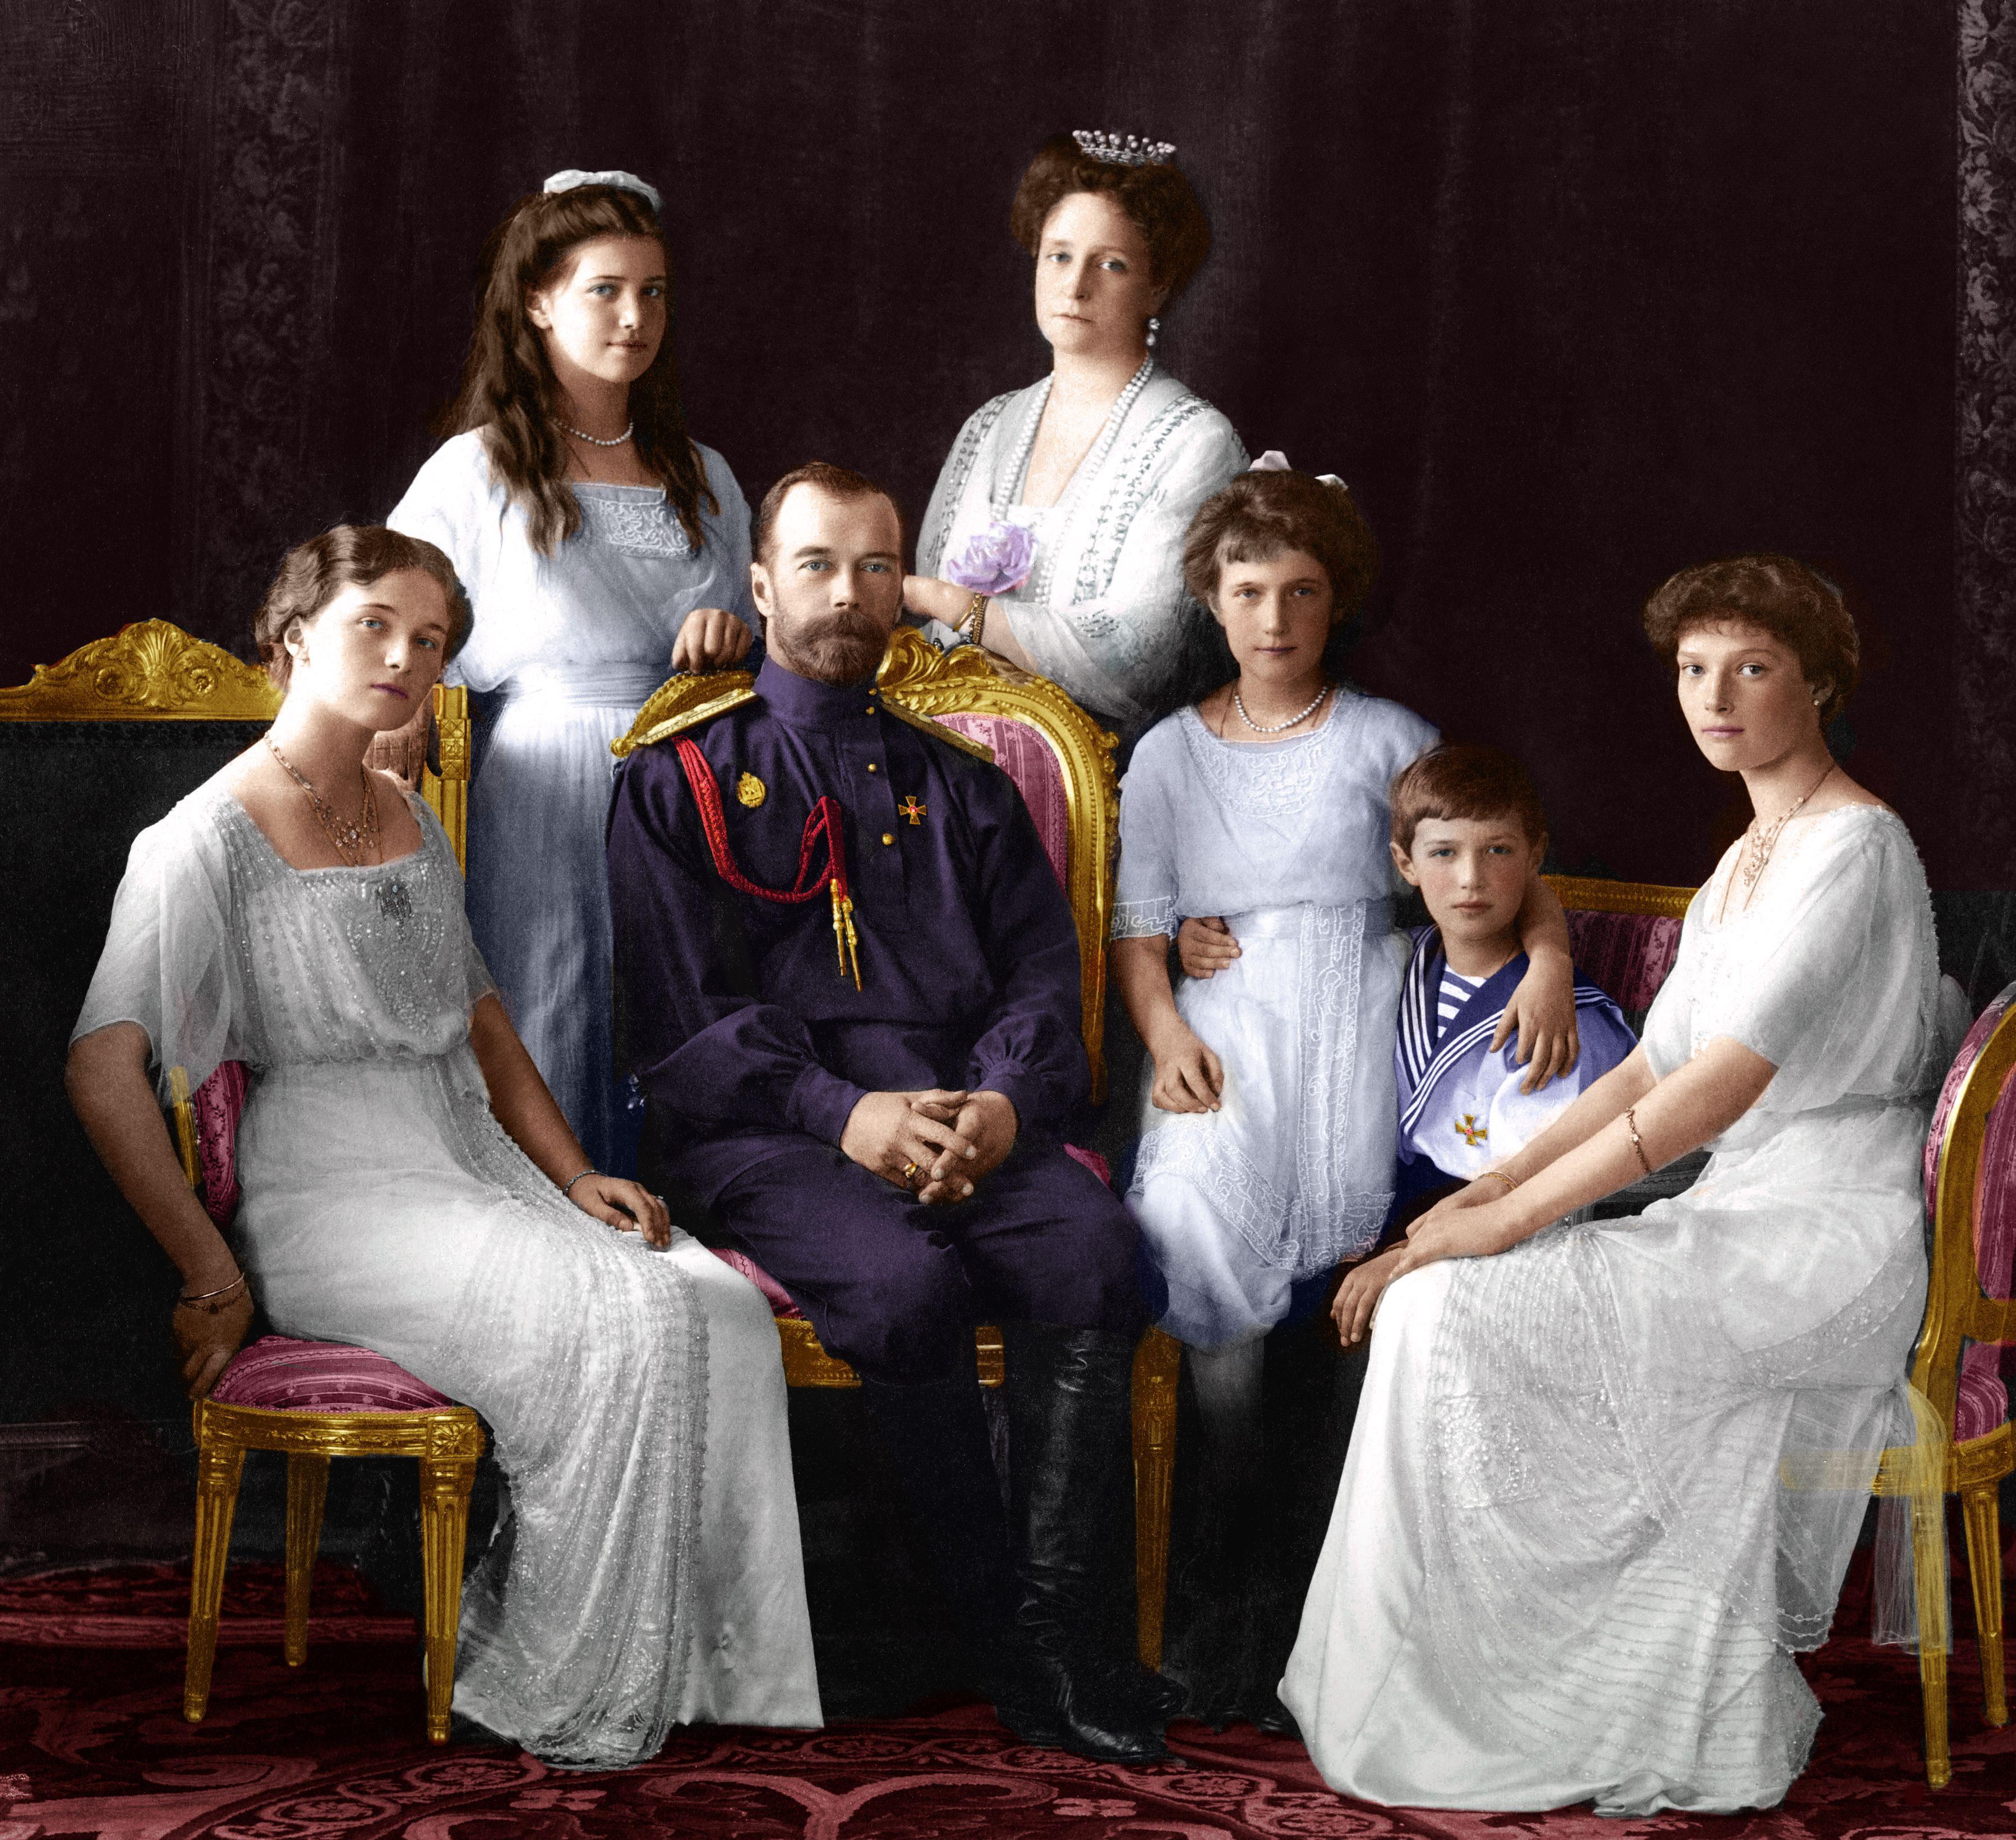 фотографии семьи романовых последние содержит